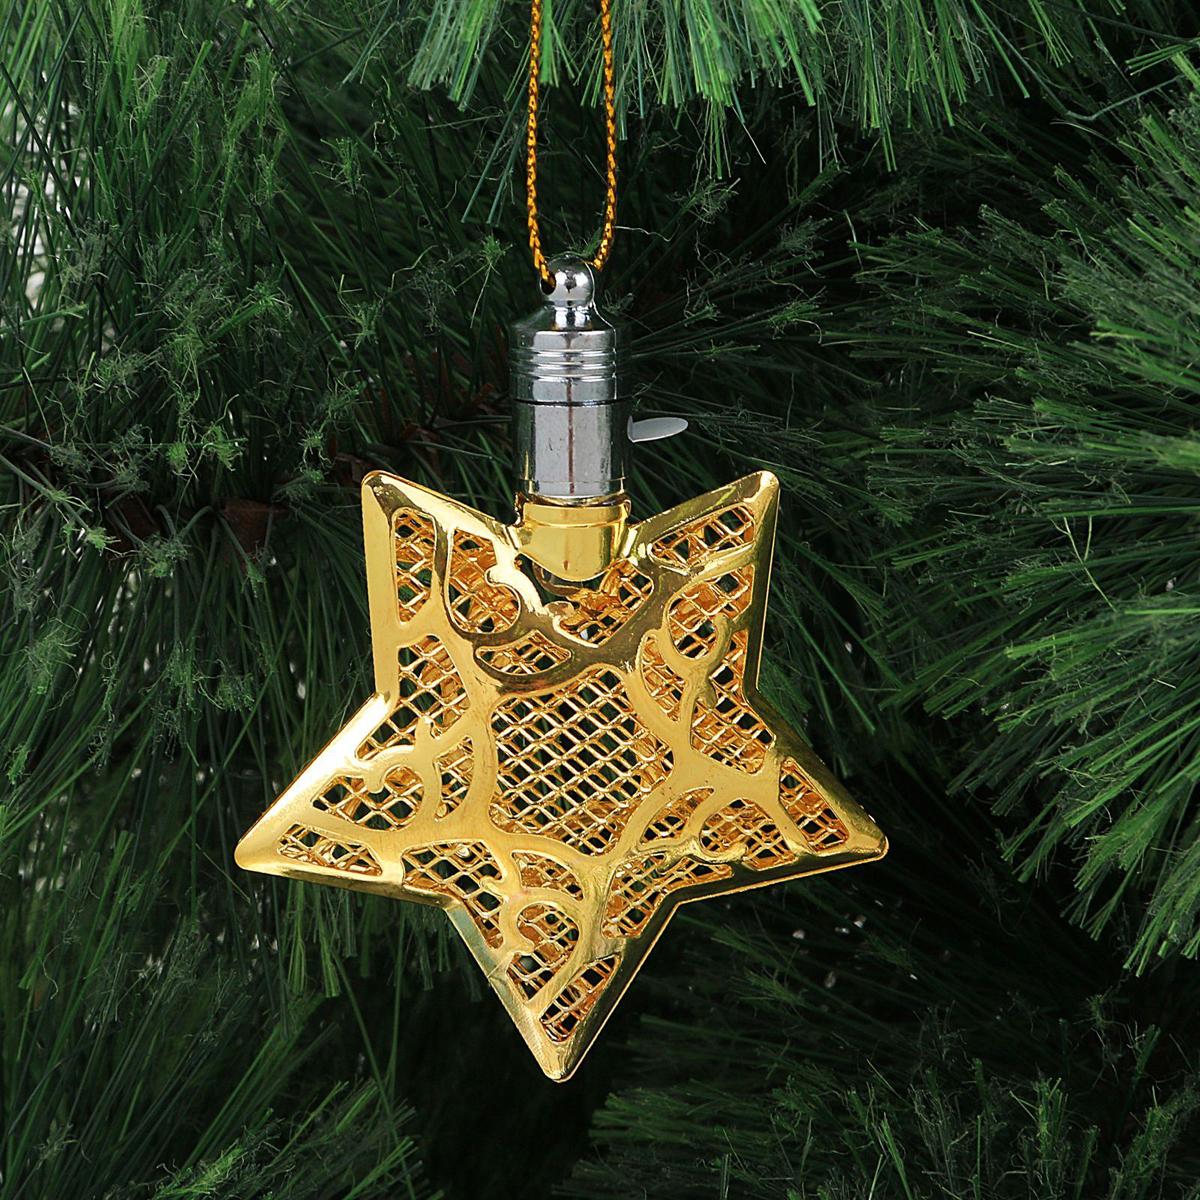 Подвеска новогодняя Luazon Lighting Звезда, световая, цвет: золотистый, длина 8 см2327169Световая новогодняя подвеска Luazon Lighting Звезда выполнена из металла в виде объемной звезды. Елочное украшение выглядит как простая елочная игрушка днем, но при этом остается видимой вечером. Просто включите изделие с наступлением темноты, и оно украсит елку огоньками. Подвеска Luazon Lighting Звезда работает от батареек (входит в комплект) и пожаробезопасна, так как светодиоды не нагреваются, в отличие от ламп накаливания.